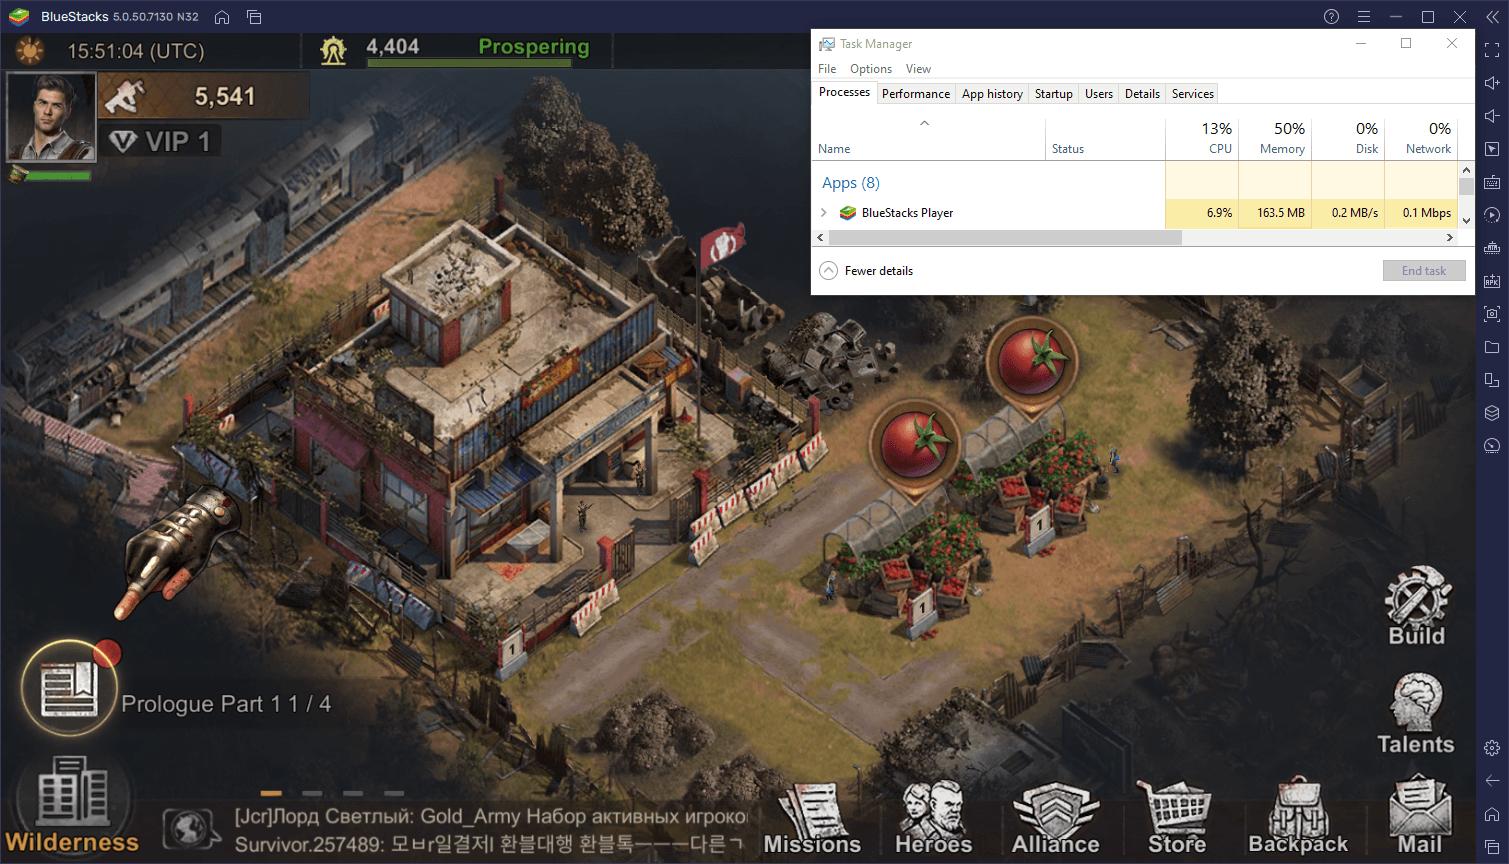 Функция обрезки памяти в BlueStacks 5 — гарантия отличной игры с минимальным использованием оперативной памяти